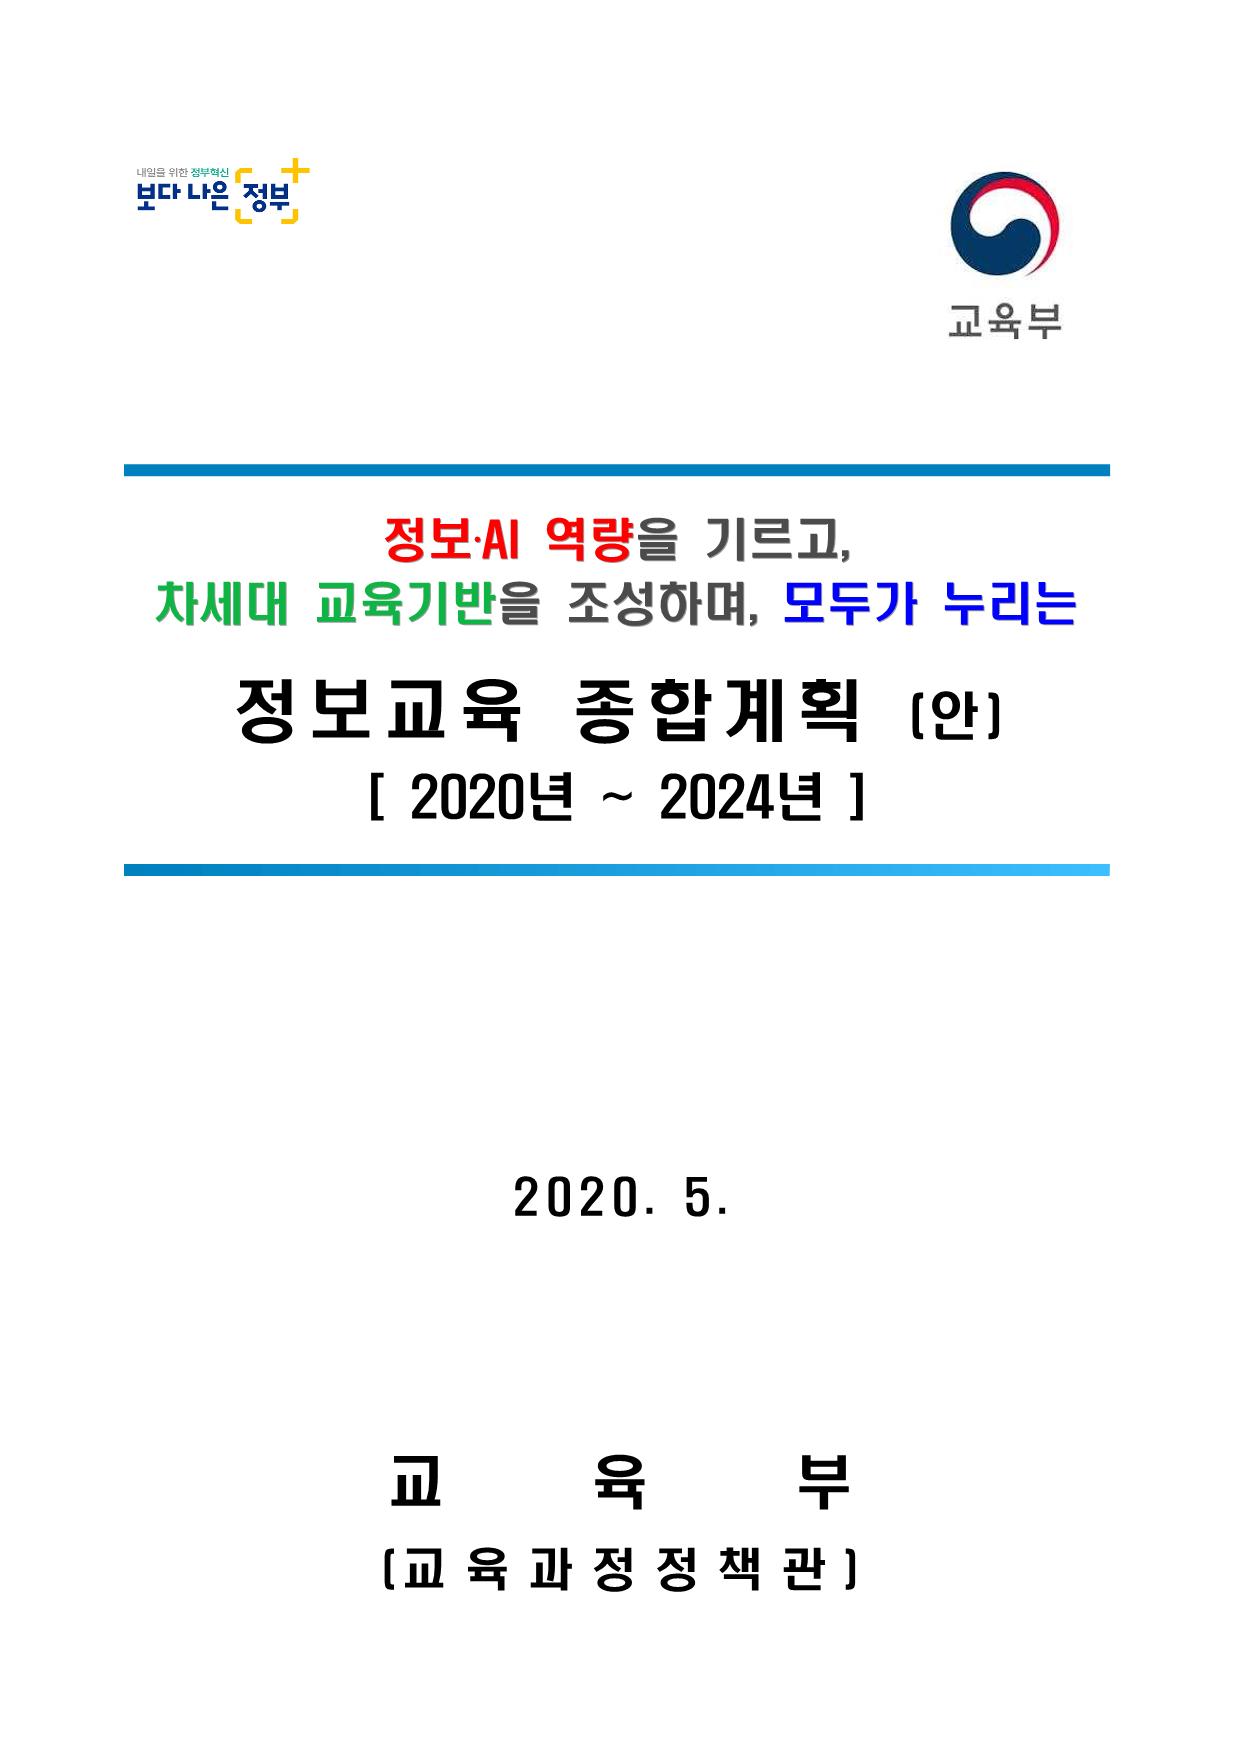 붙임 2-3. 정보교육 종합계획(안)_1.png